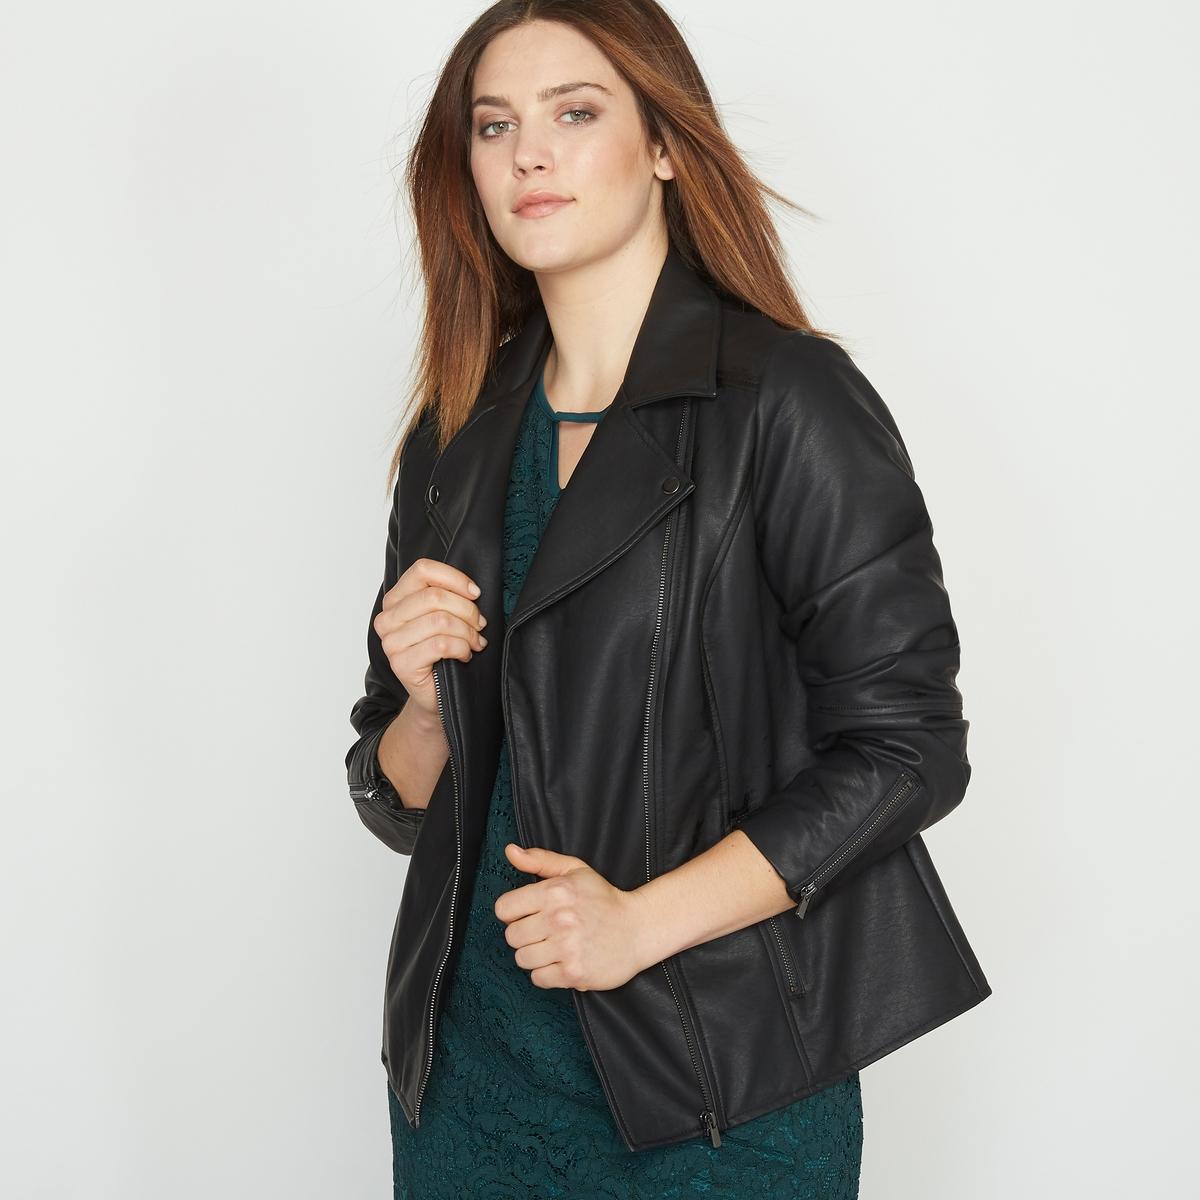 Куртка в стиле мотоциклетной, облегающий покрой